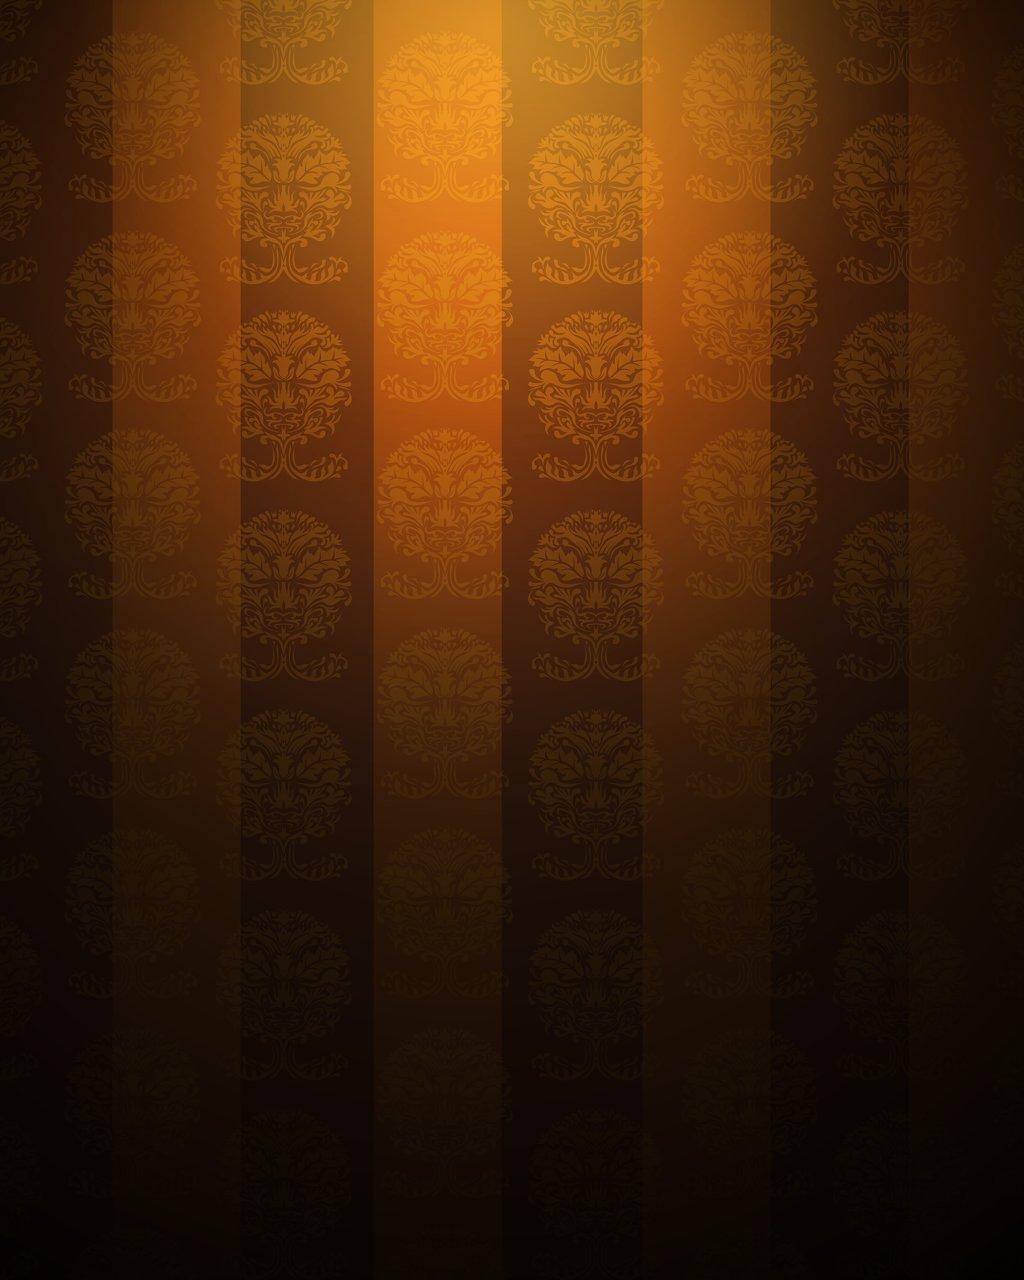 decor_full_wallpaper.jpg